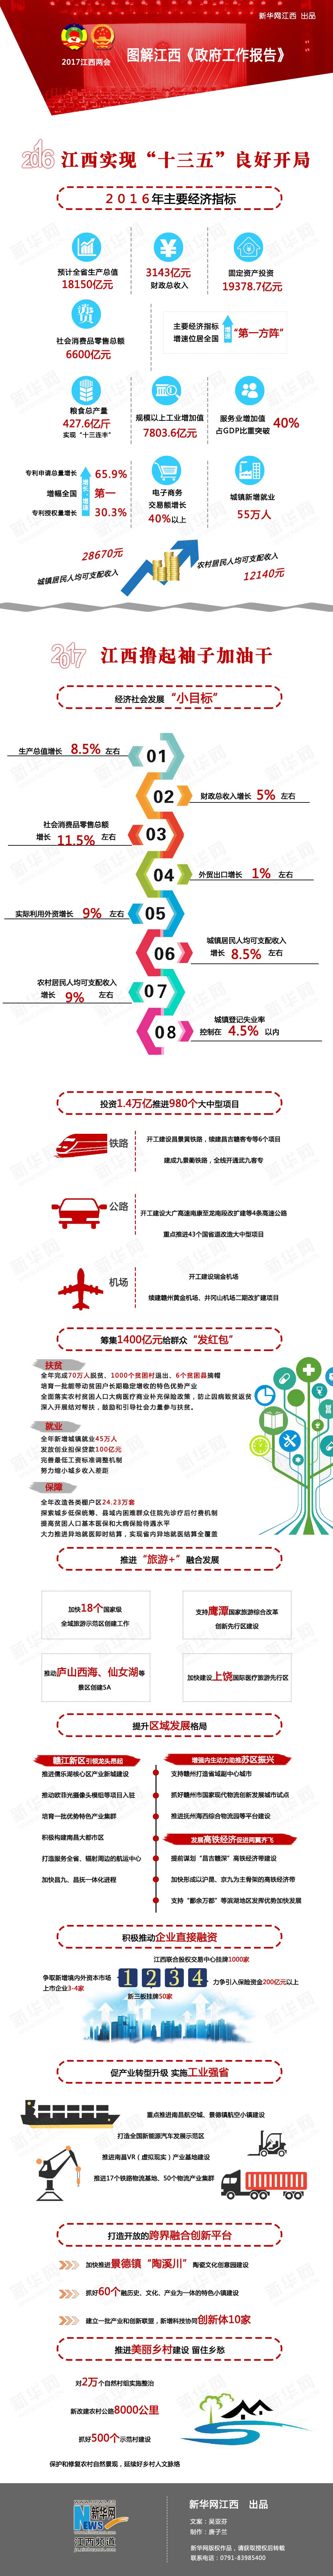 江西:一图看懂2017《政府工作报告》